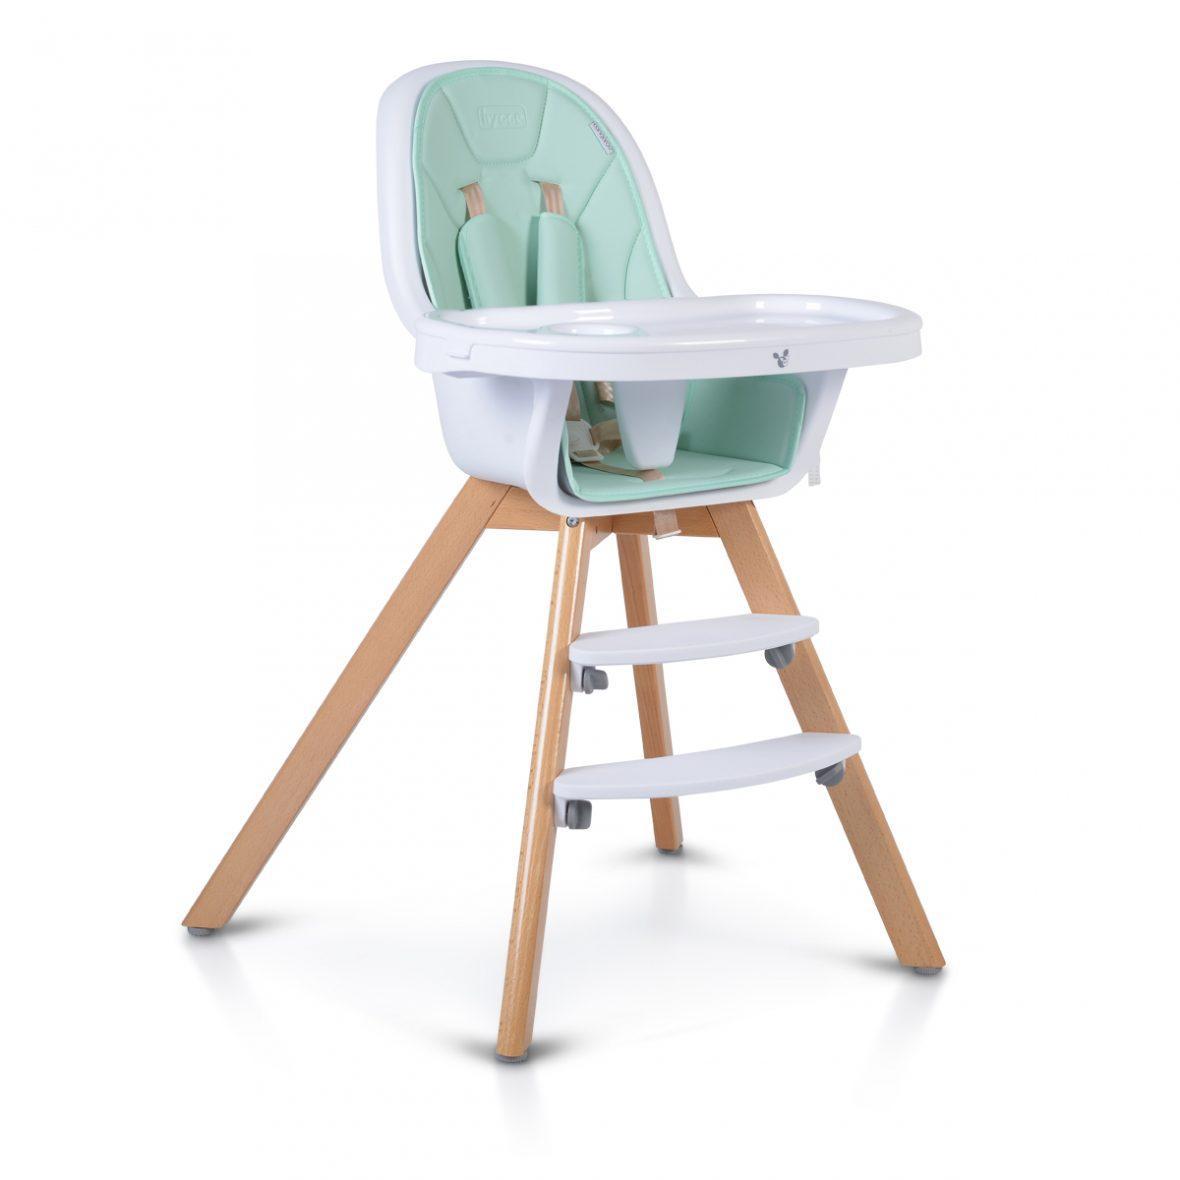 Lesen stolček za hranjenje HYGGE 2v1, mint